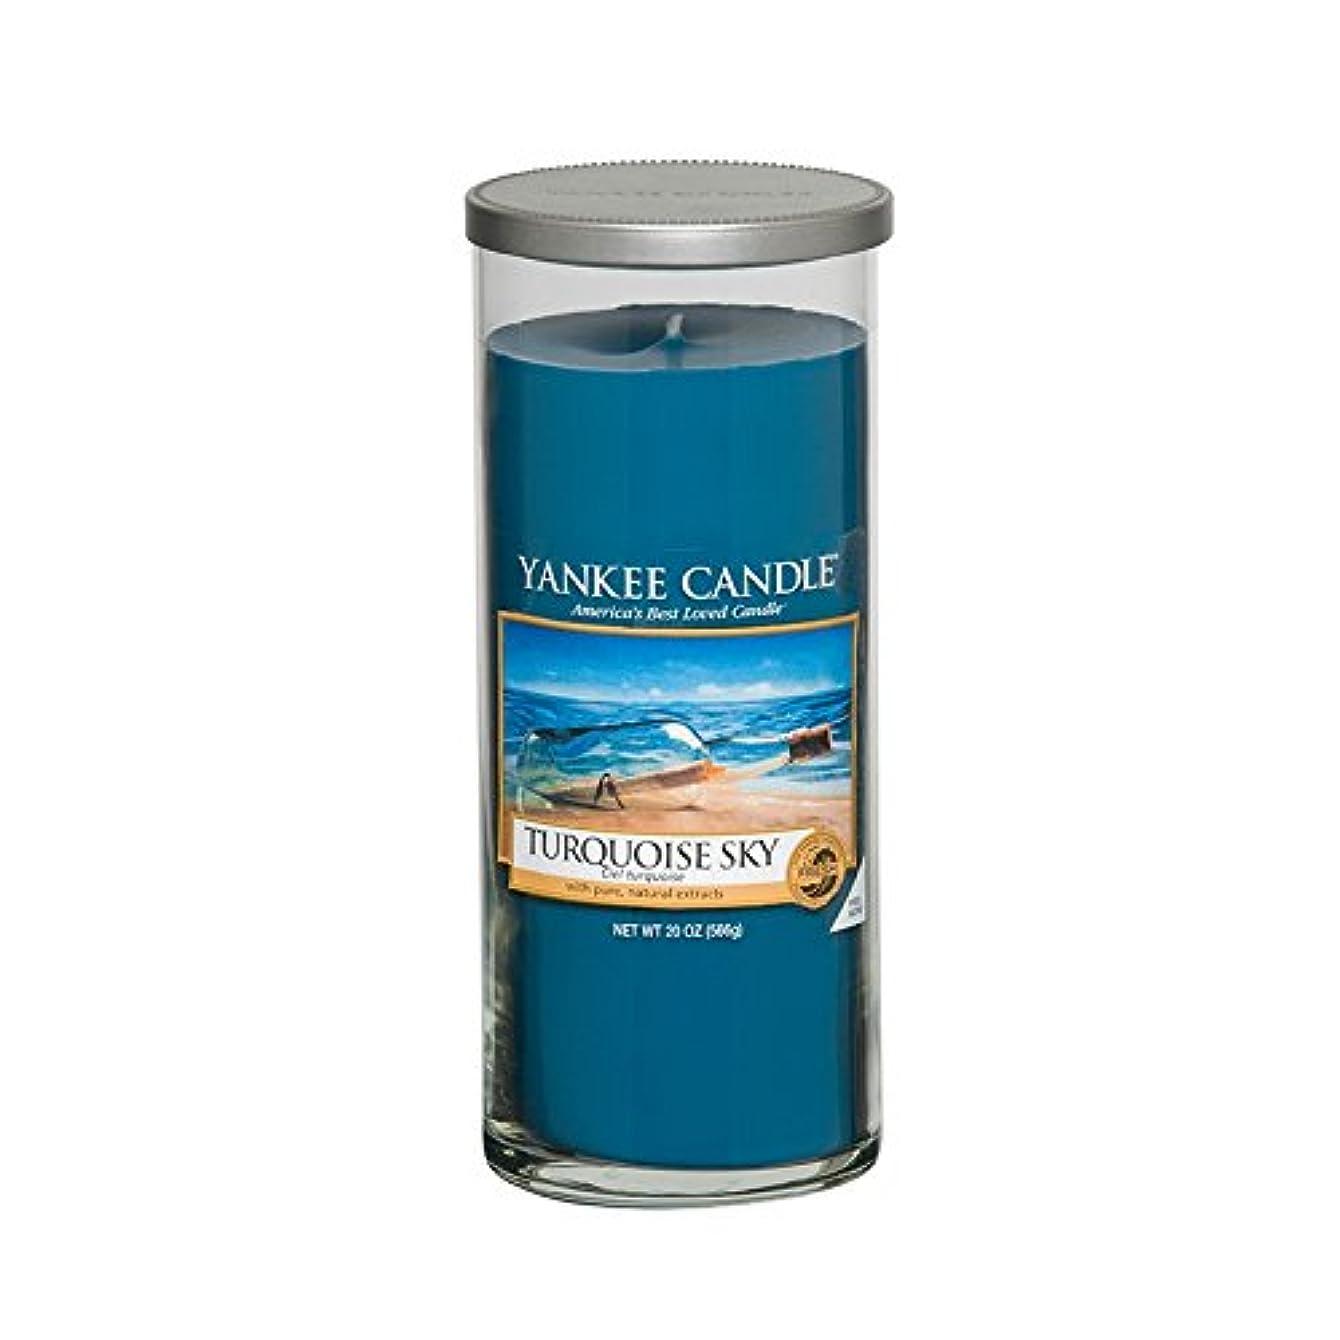 びっくりする分散証明ヤンキーキャンドル大きな柱キャンドル - ターコイズの空 - Yankee Candles Large Pillar Candle - Turquoise Sky (Yankee Candles) [並行輸入品]